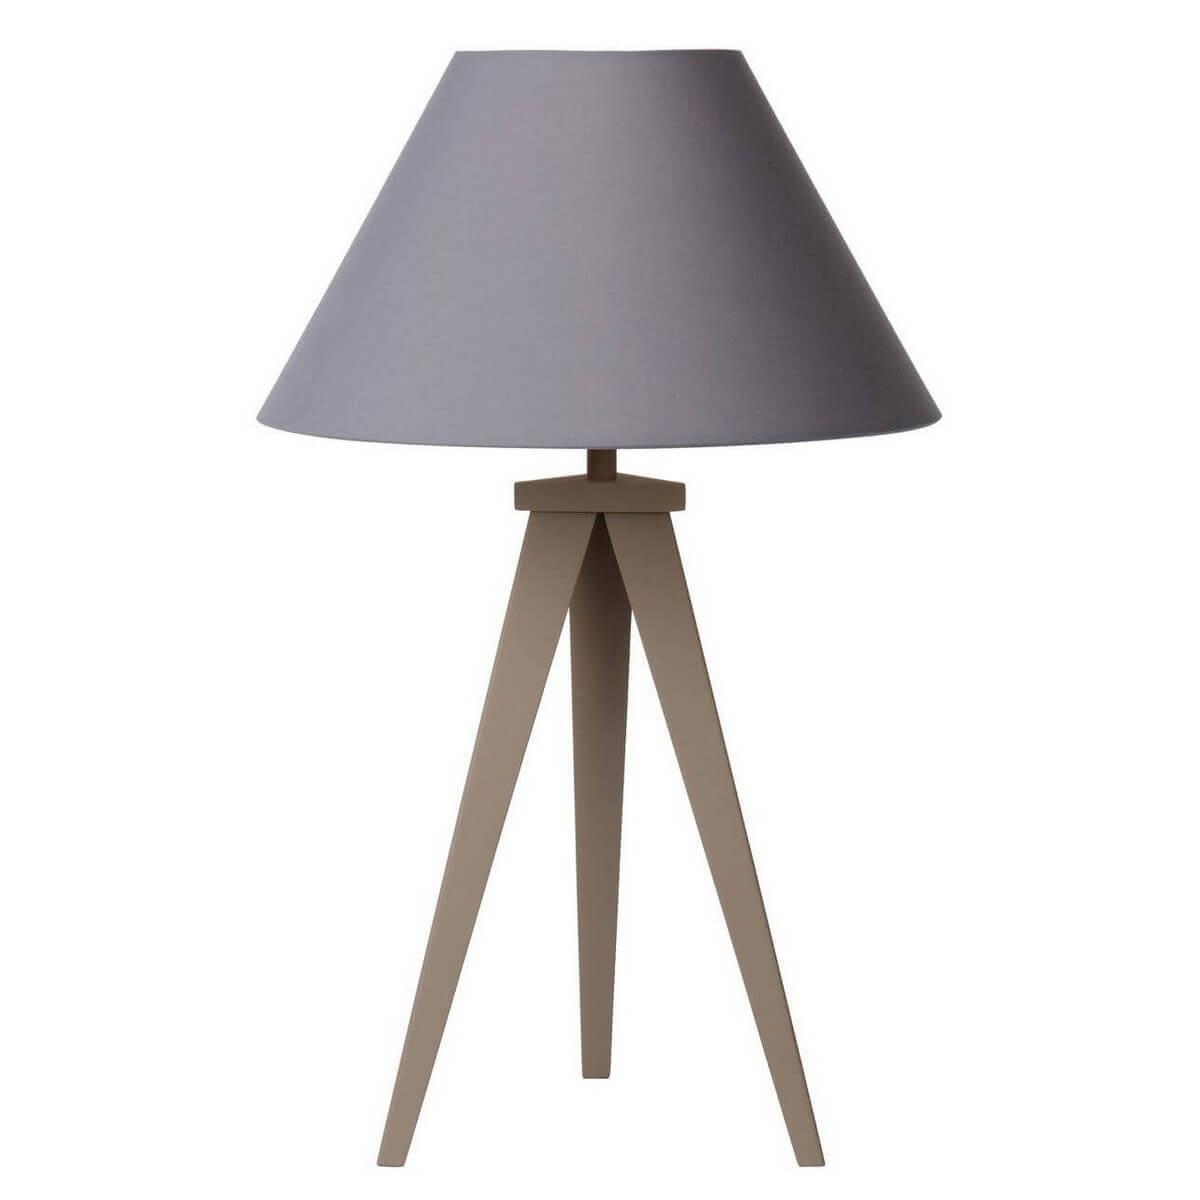 Настольная лампа Lucide 42502/81/41 Jolli lucide настольная лампа lucide ferova 30577 01 19